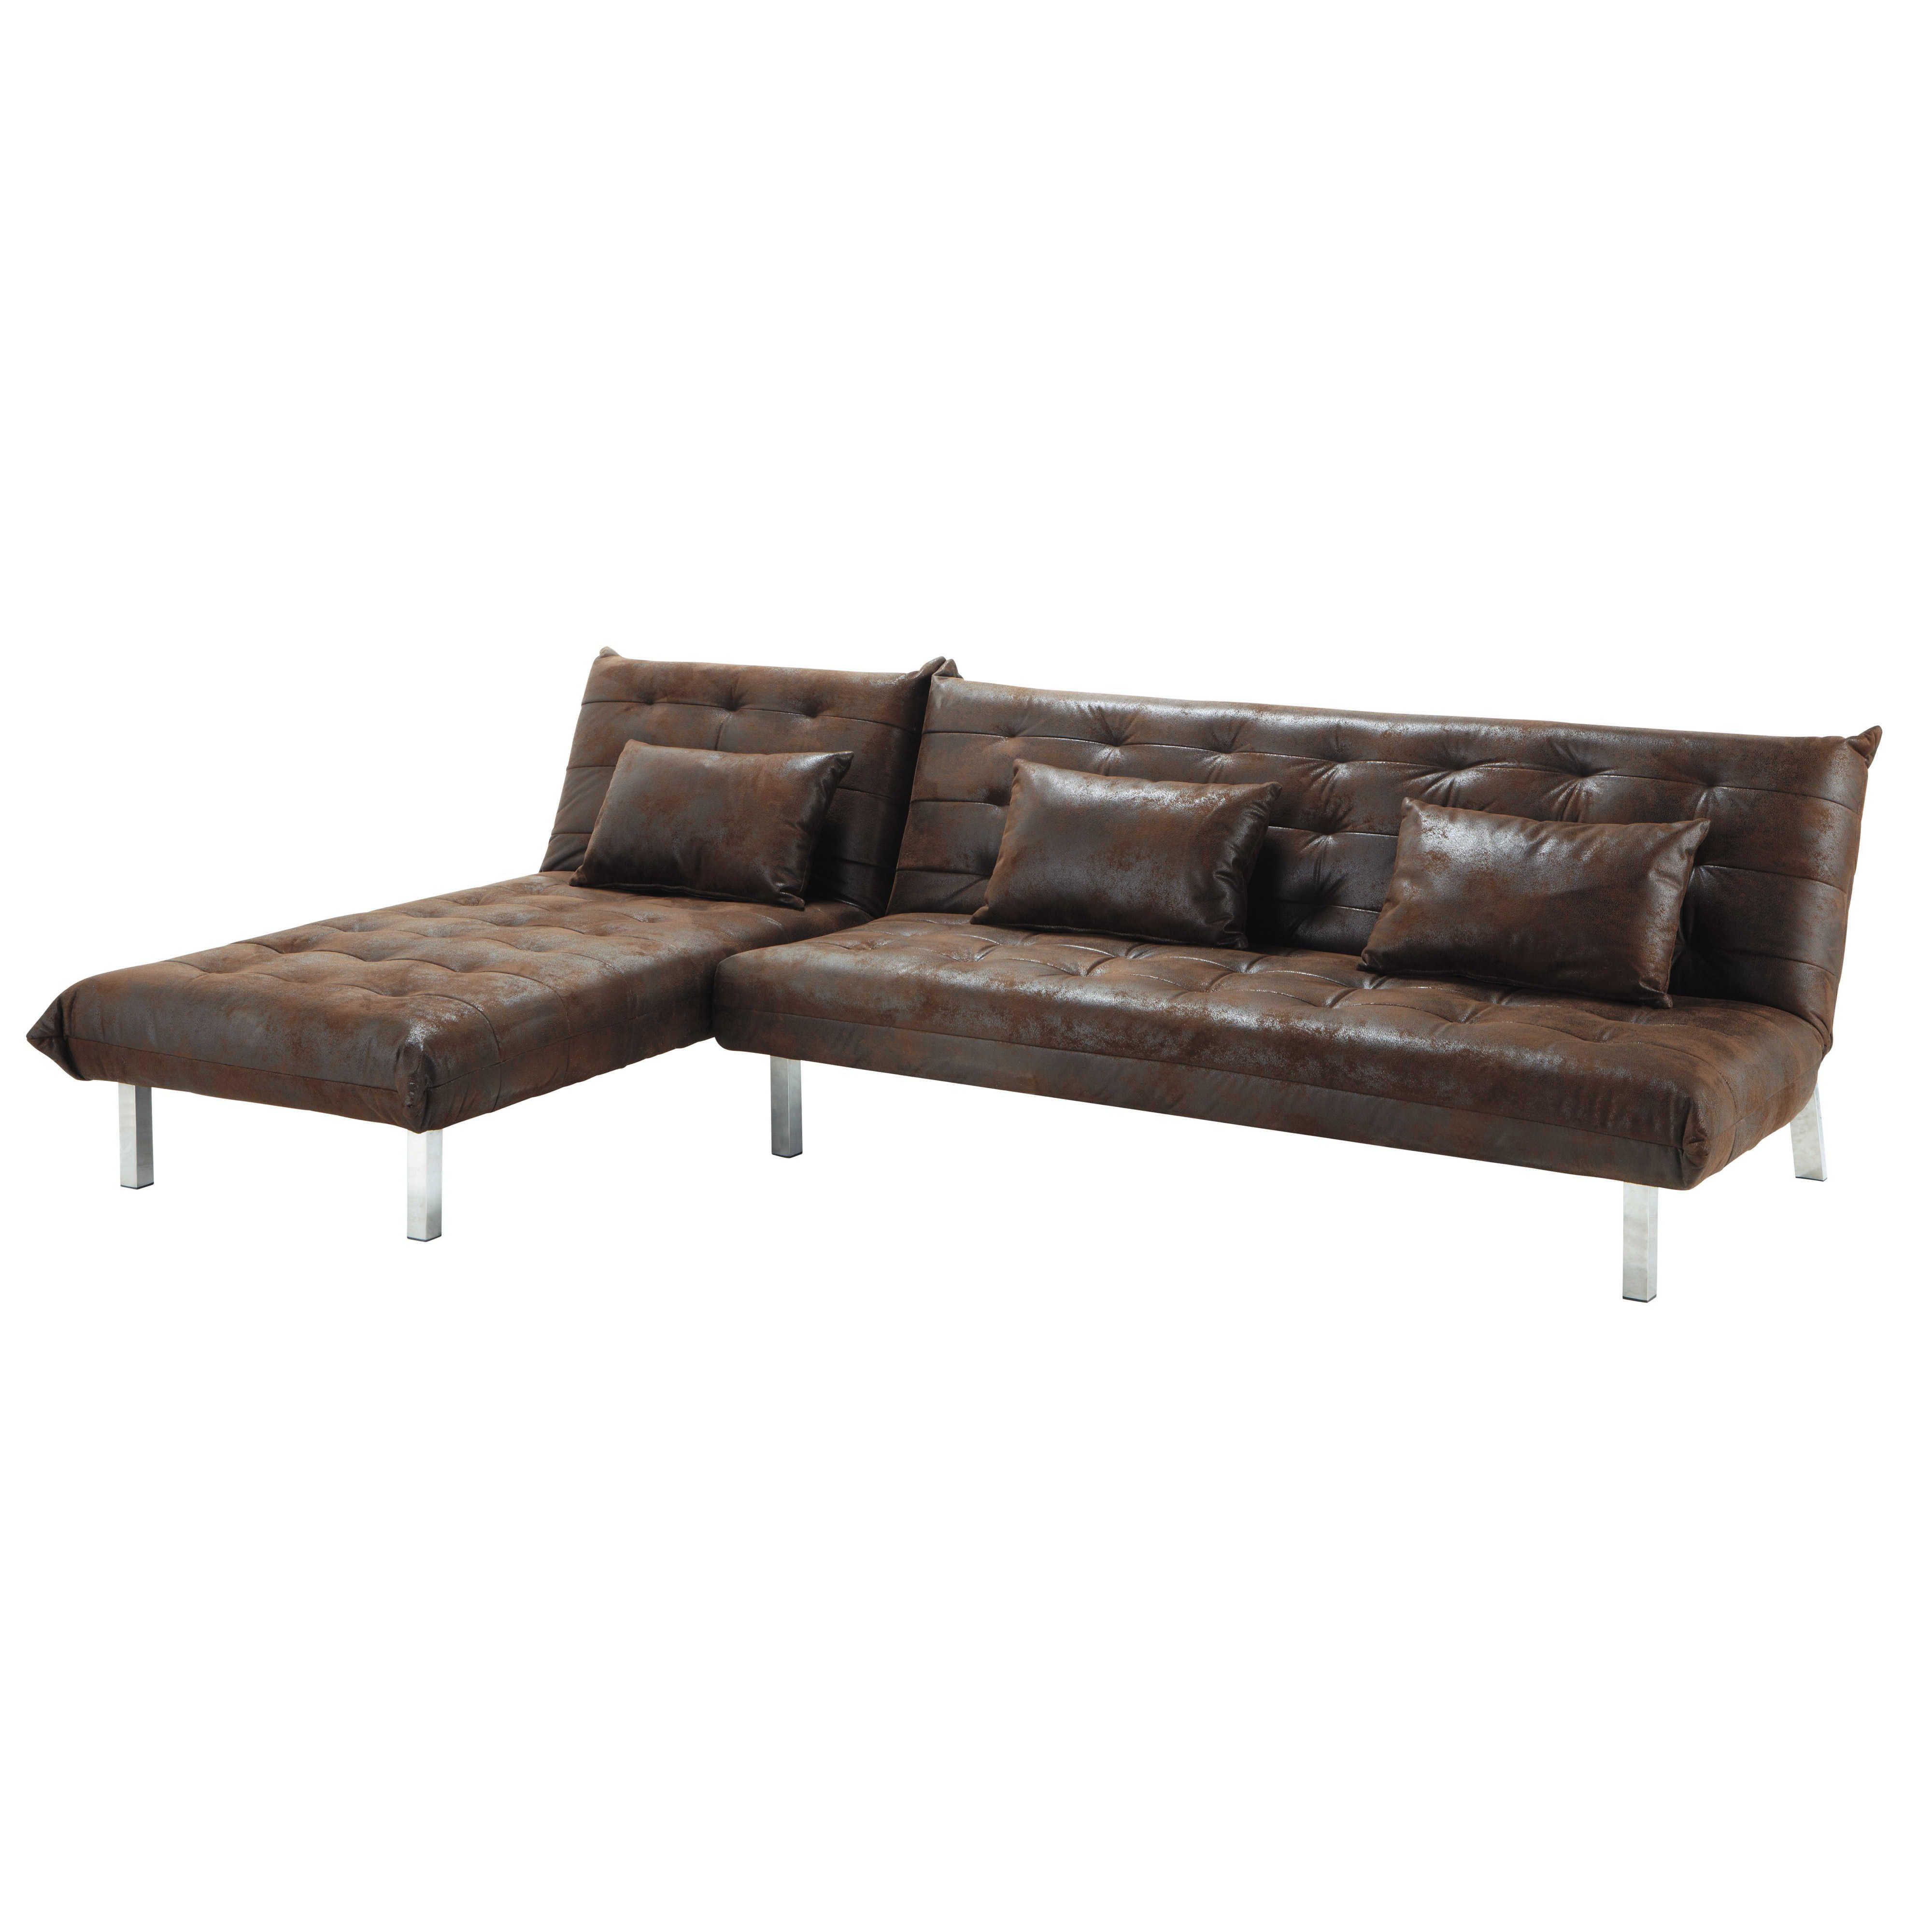 Sofa 4 Sitzer Leder ausziehbares ecksofa 4 sitzer aus kunstleder braun max decoration